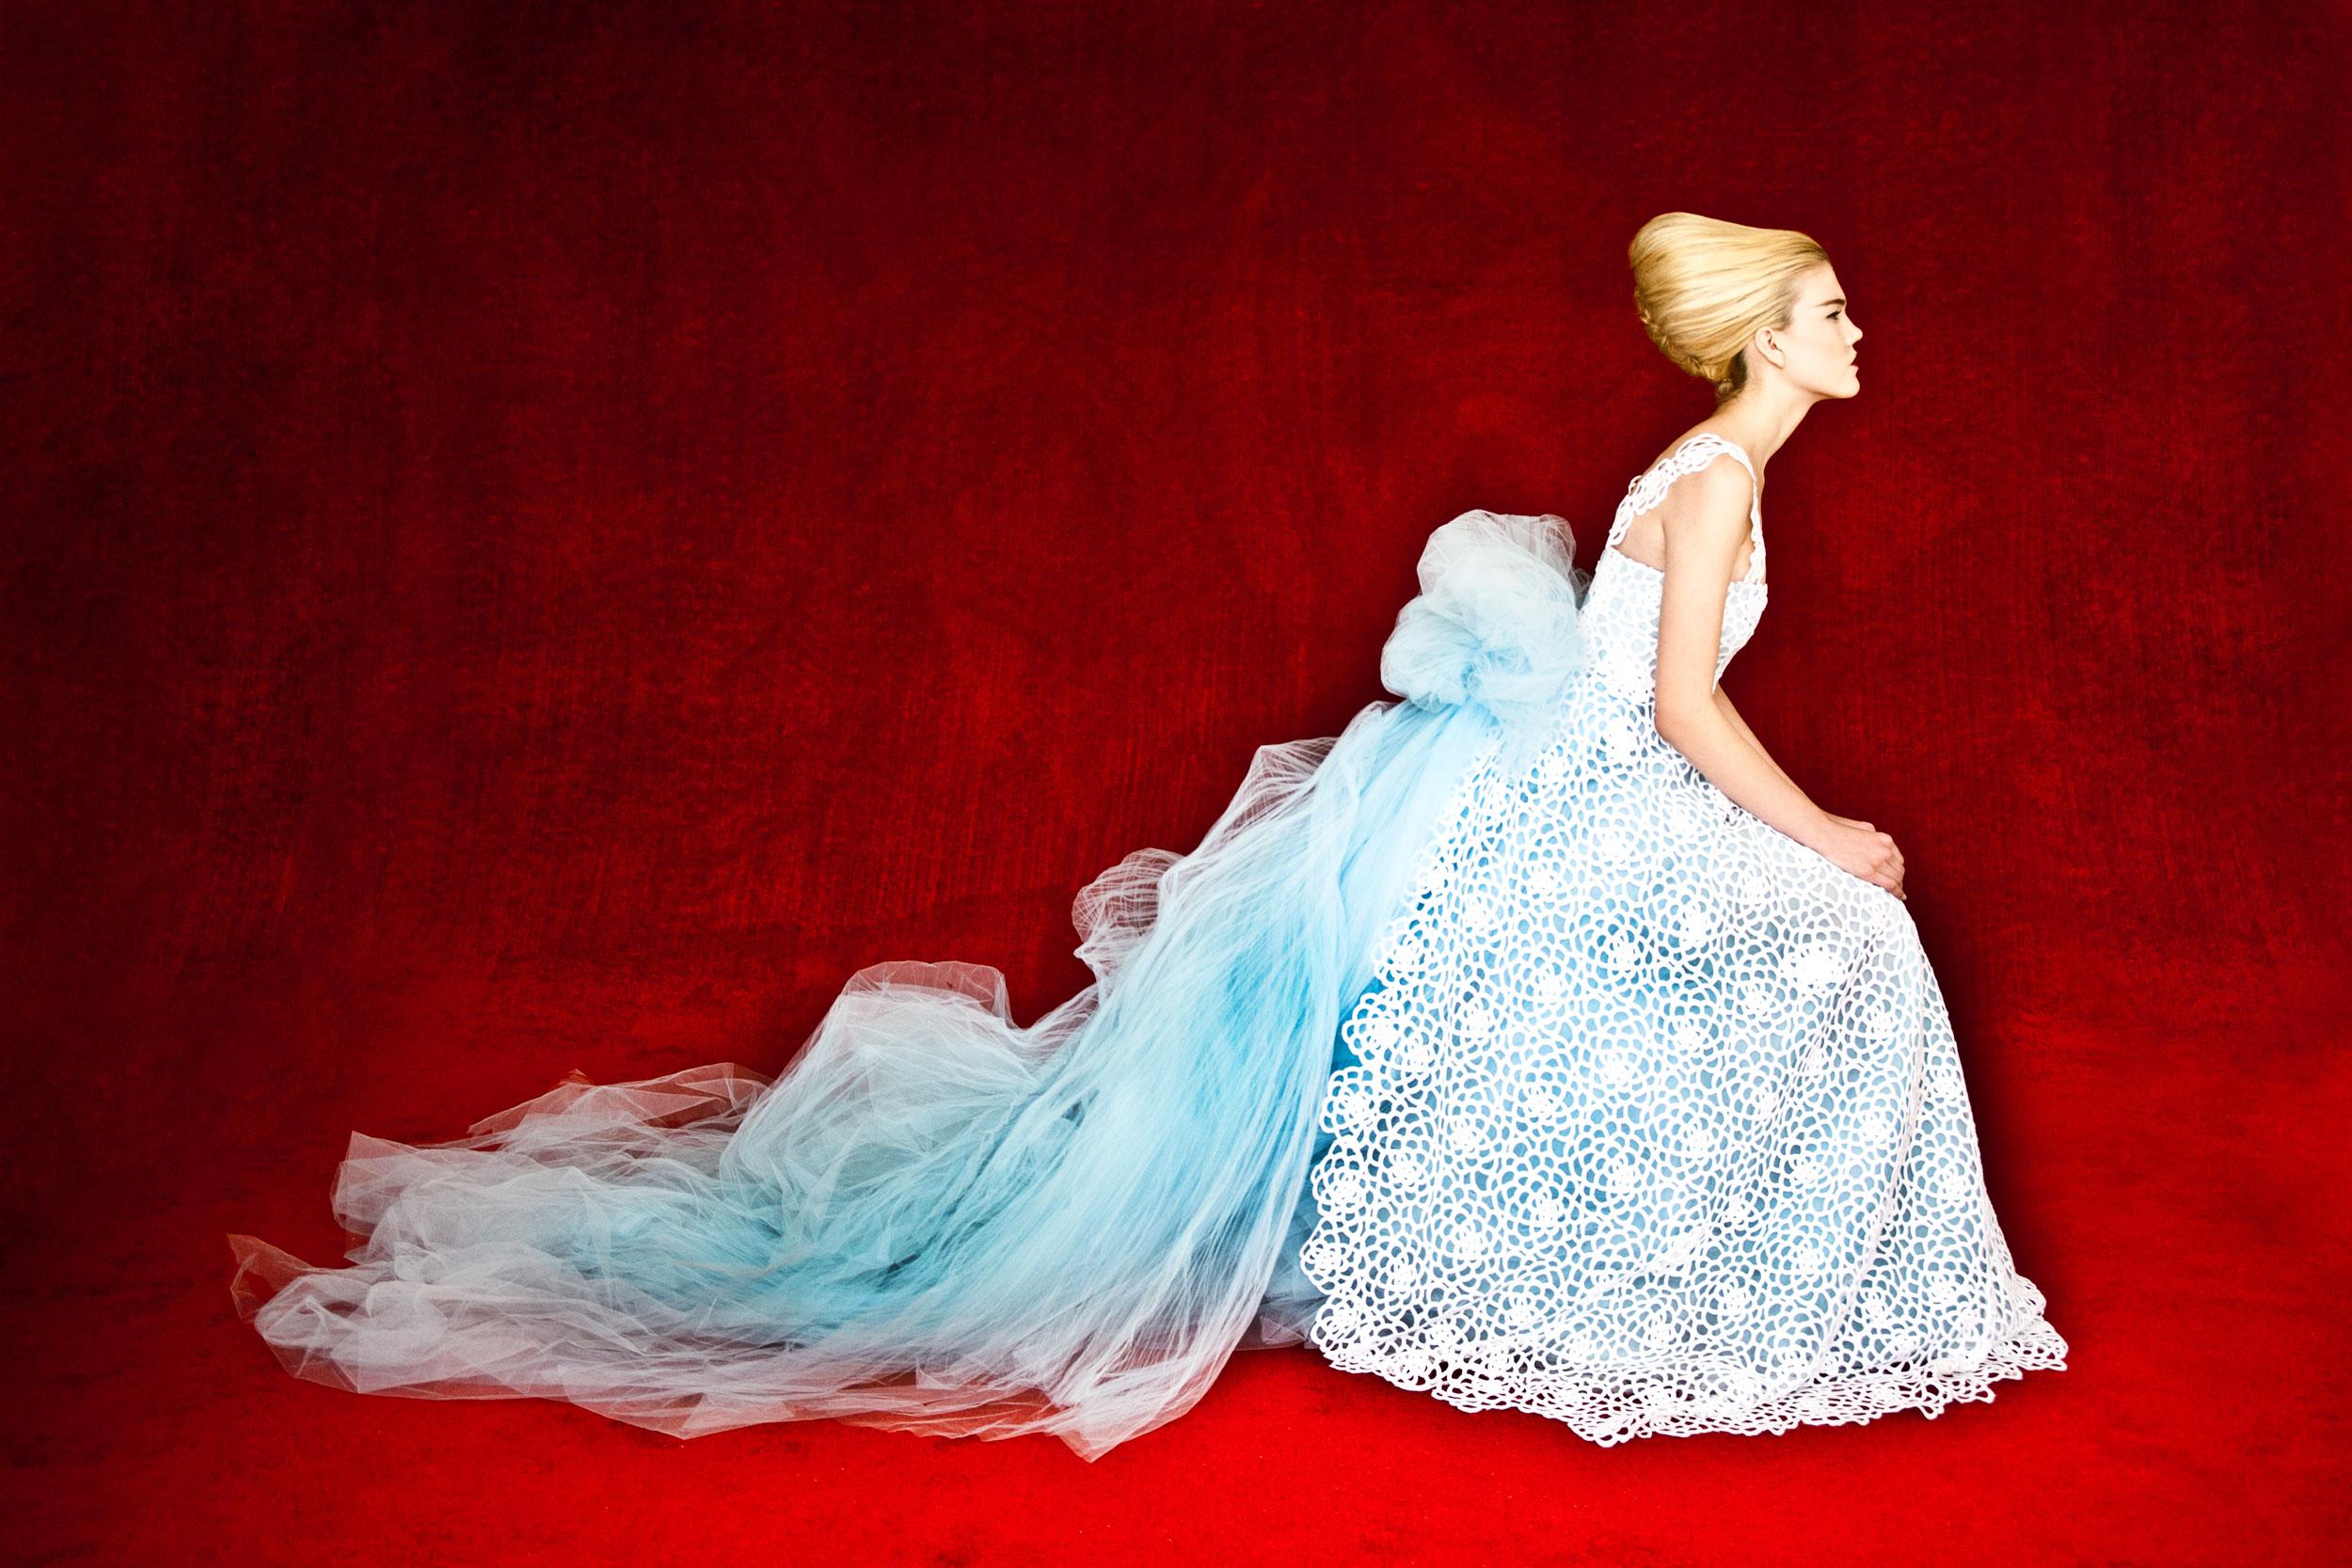 brides-lace-erik-madigan-heck-2.jpg